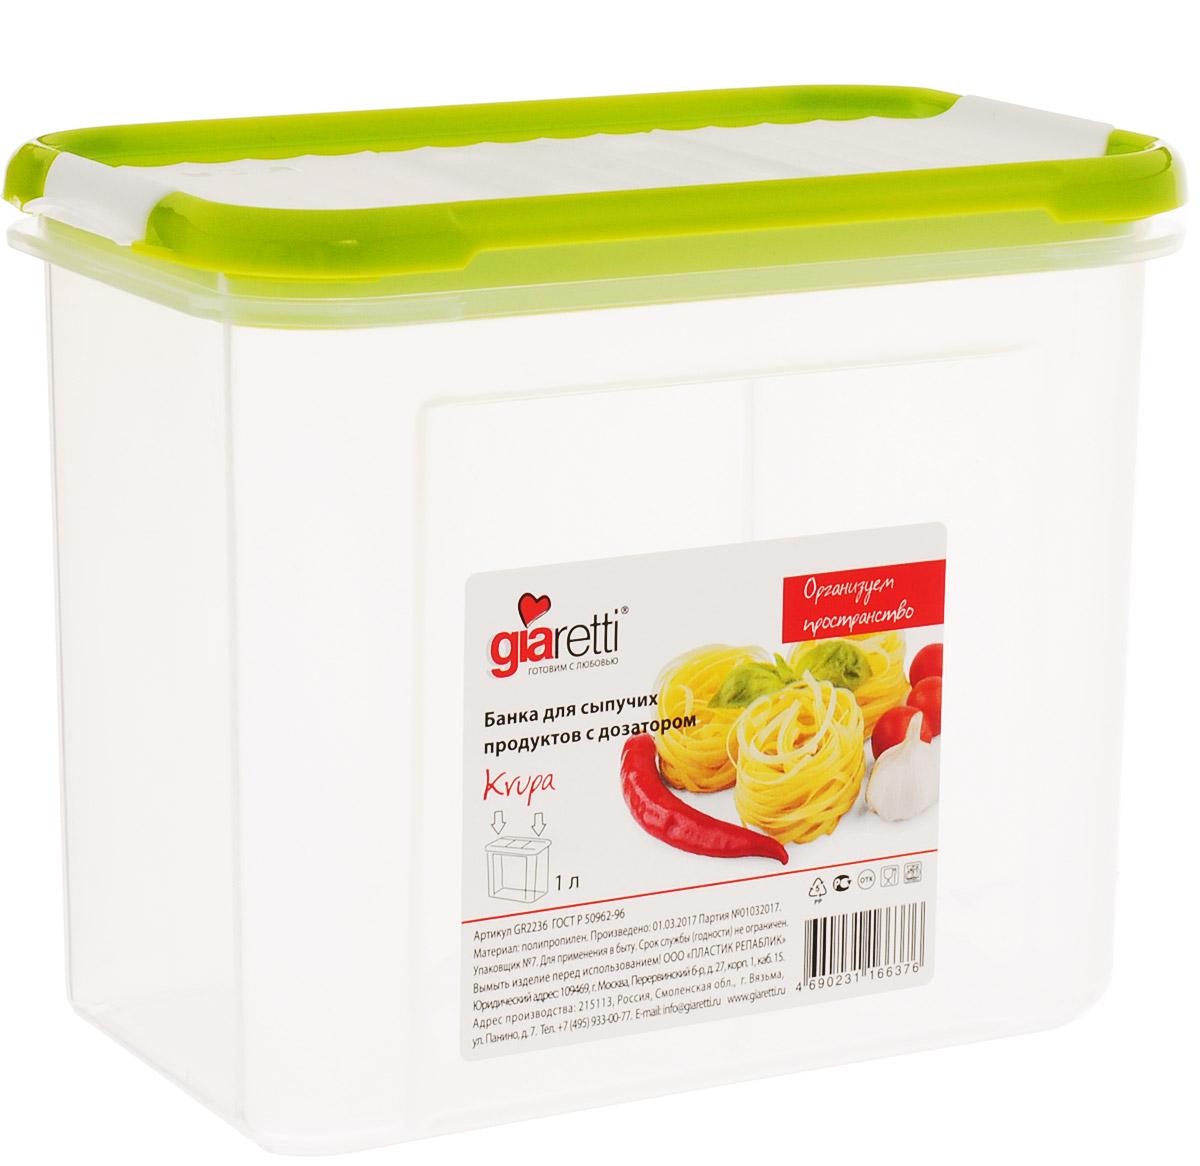 Банка для сыпучих продуктов Giaretti Krupa, с дозатором, цвет: оливковый, прозрачный, 1 л банка для сыпучих продуктов giaretti krupa с дозатором цвет оливковый прозрачный 1 5 л